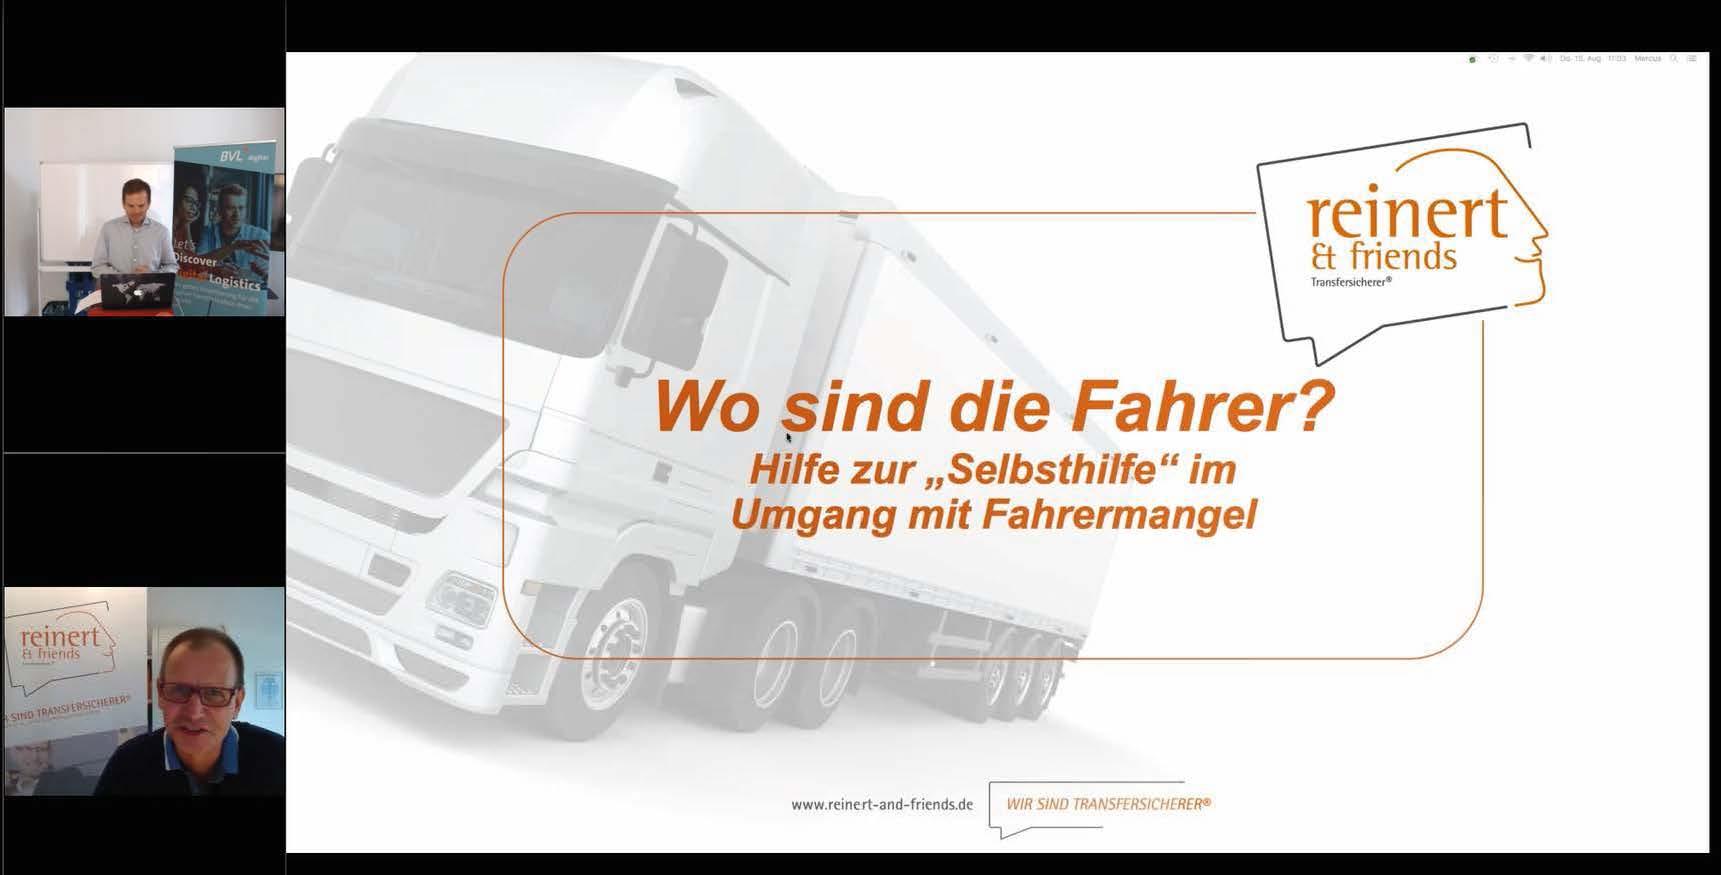 Der Fahrer wartet im Netz – Digitale Ansprache zur Arbeitnehmergewinnung